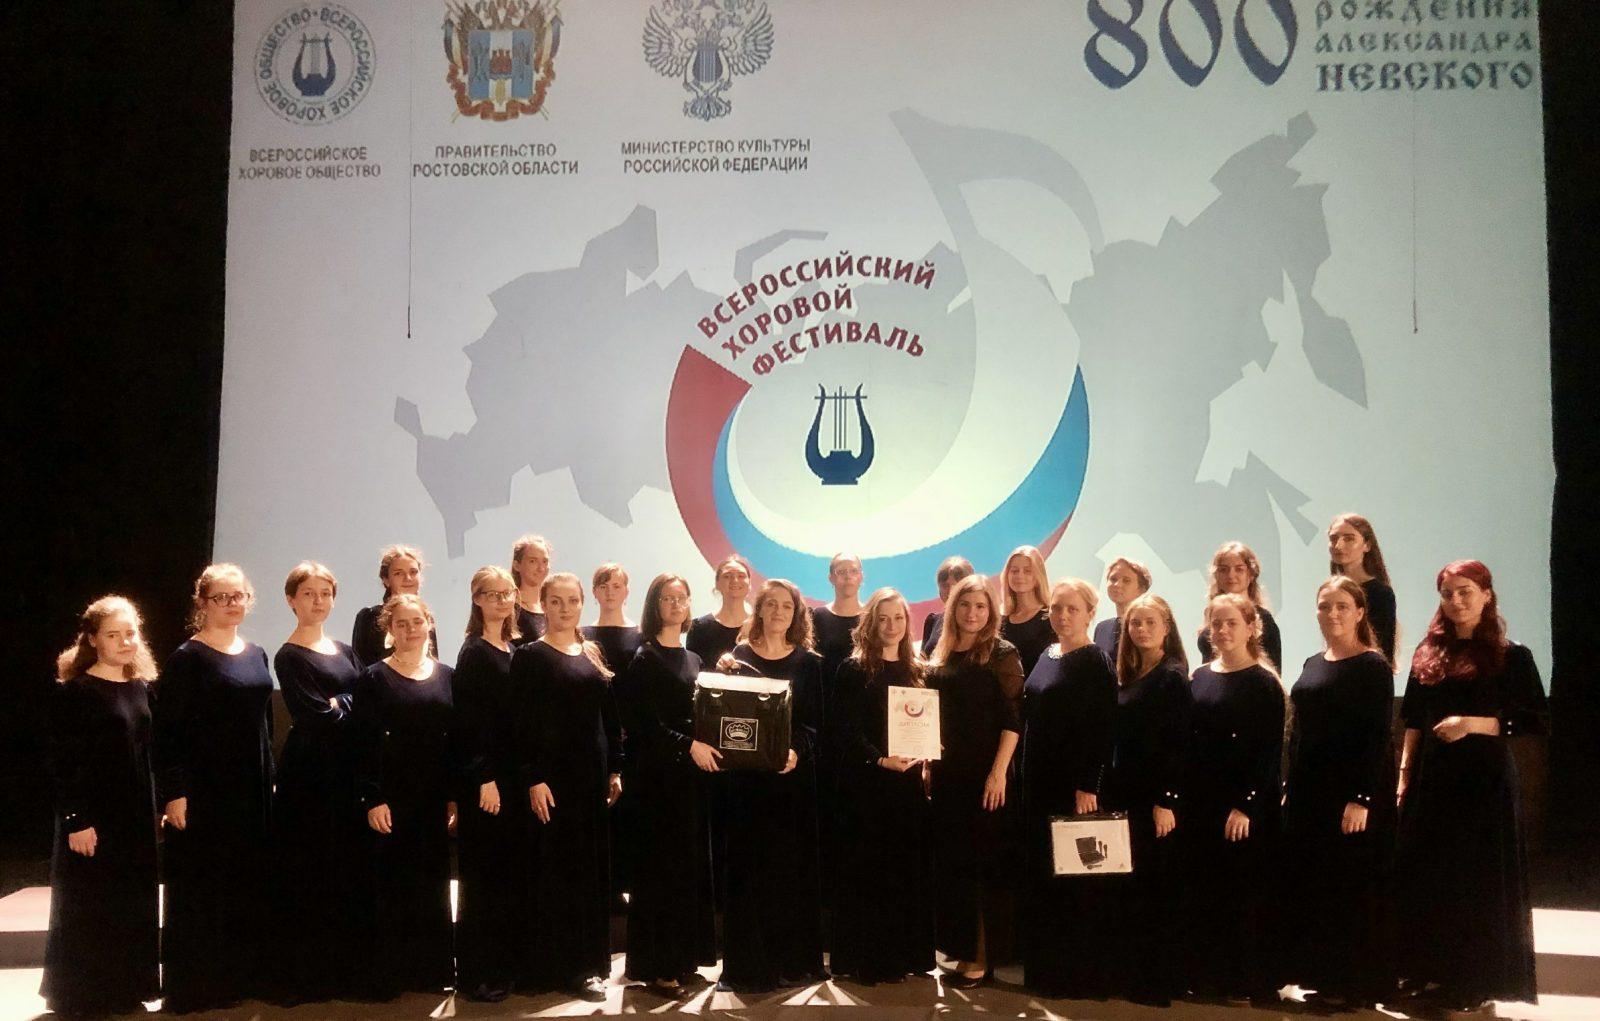 Женский хор Донской духовной семинарии стал лауреатом регионального этапа Всероссийского хорового фестиваля академических хоров